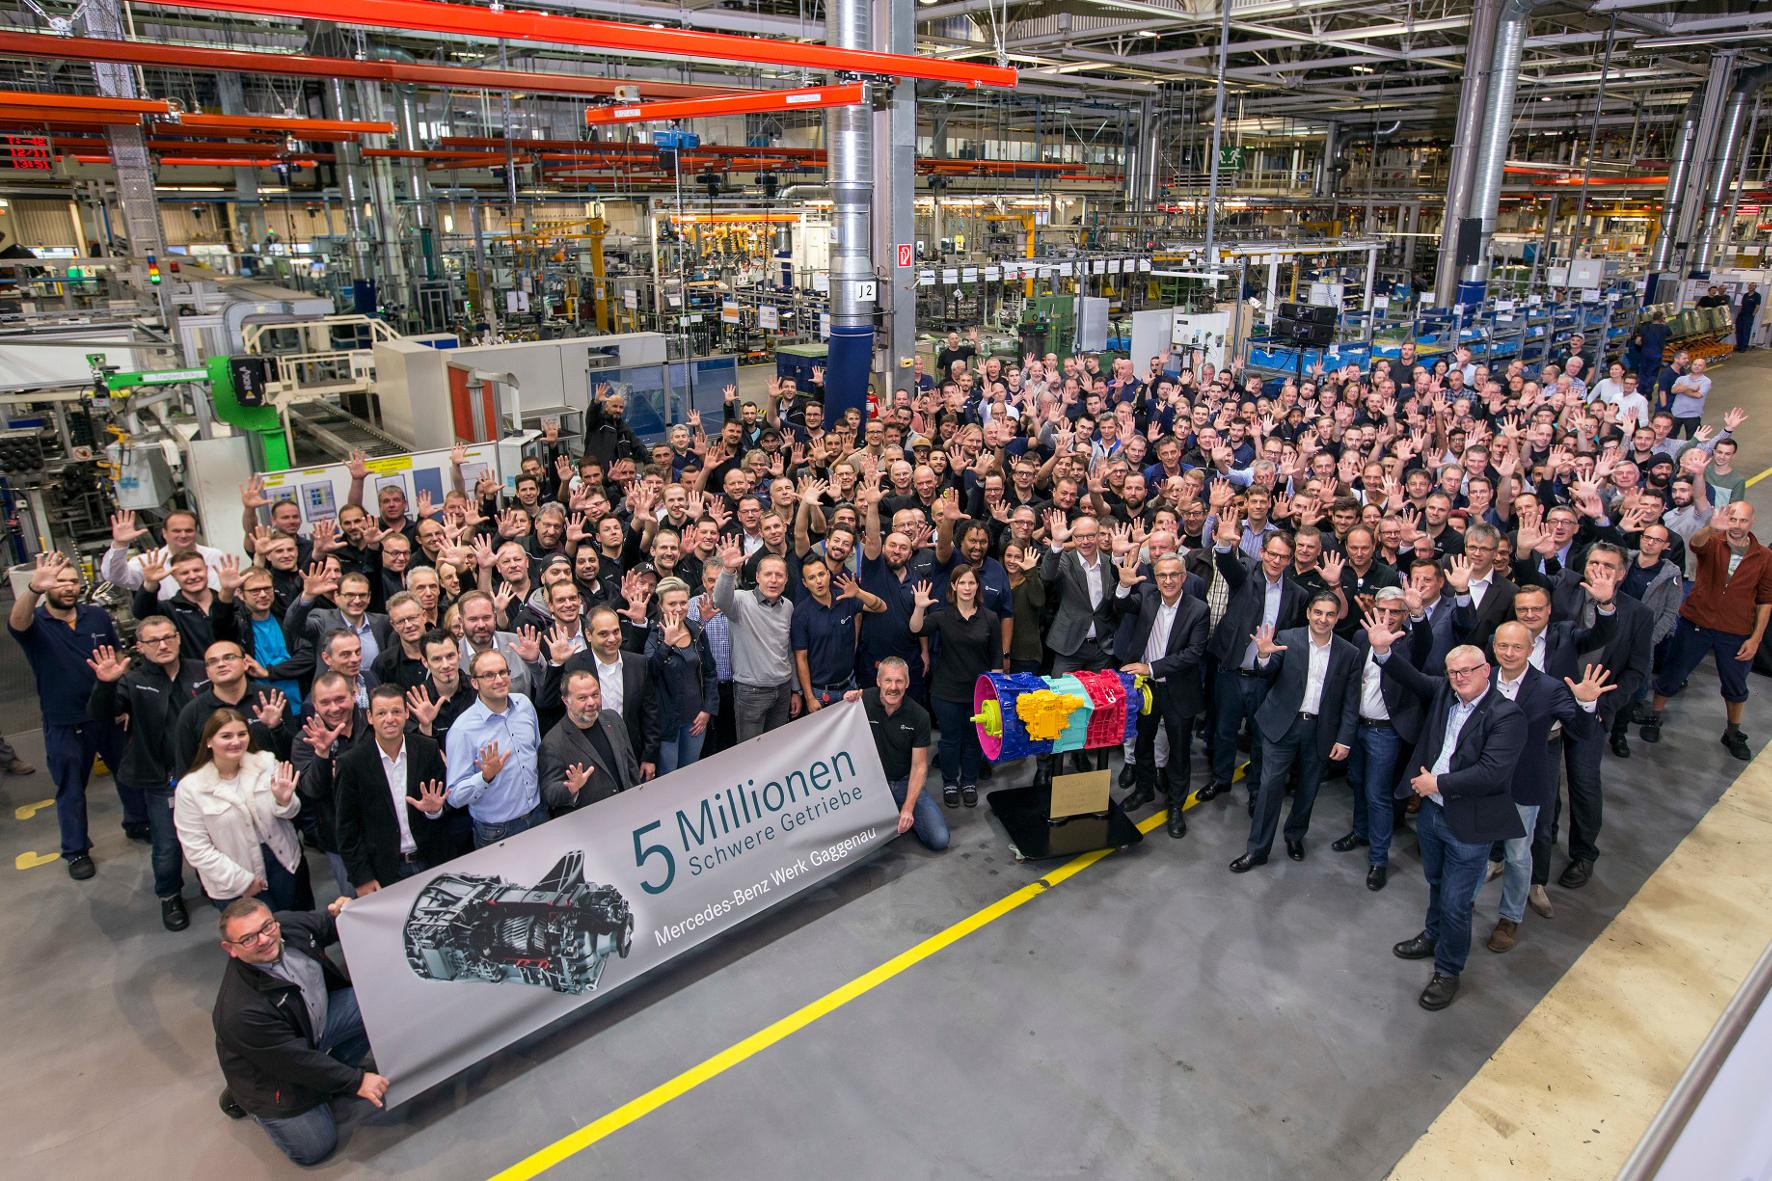 mid Groß-Gerau - Die stolze Mannschaft vor dem fünfmillionsten Getriebe, das anlässlich des Jubiläums bunt lackiert ist. Daimler